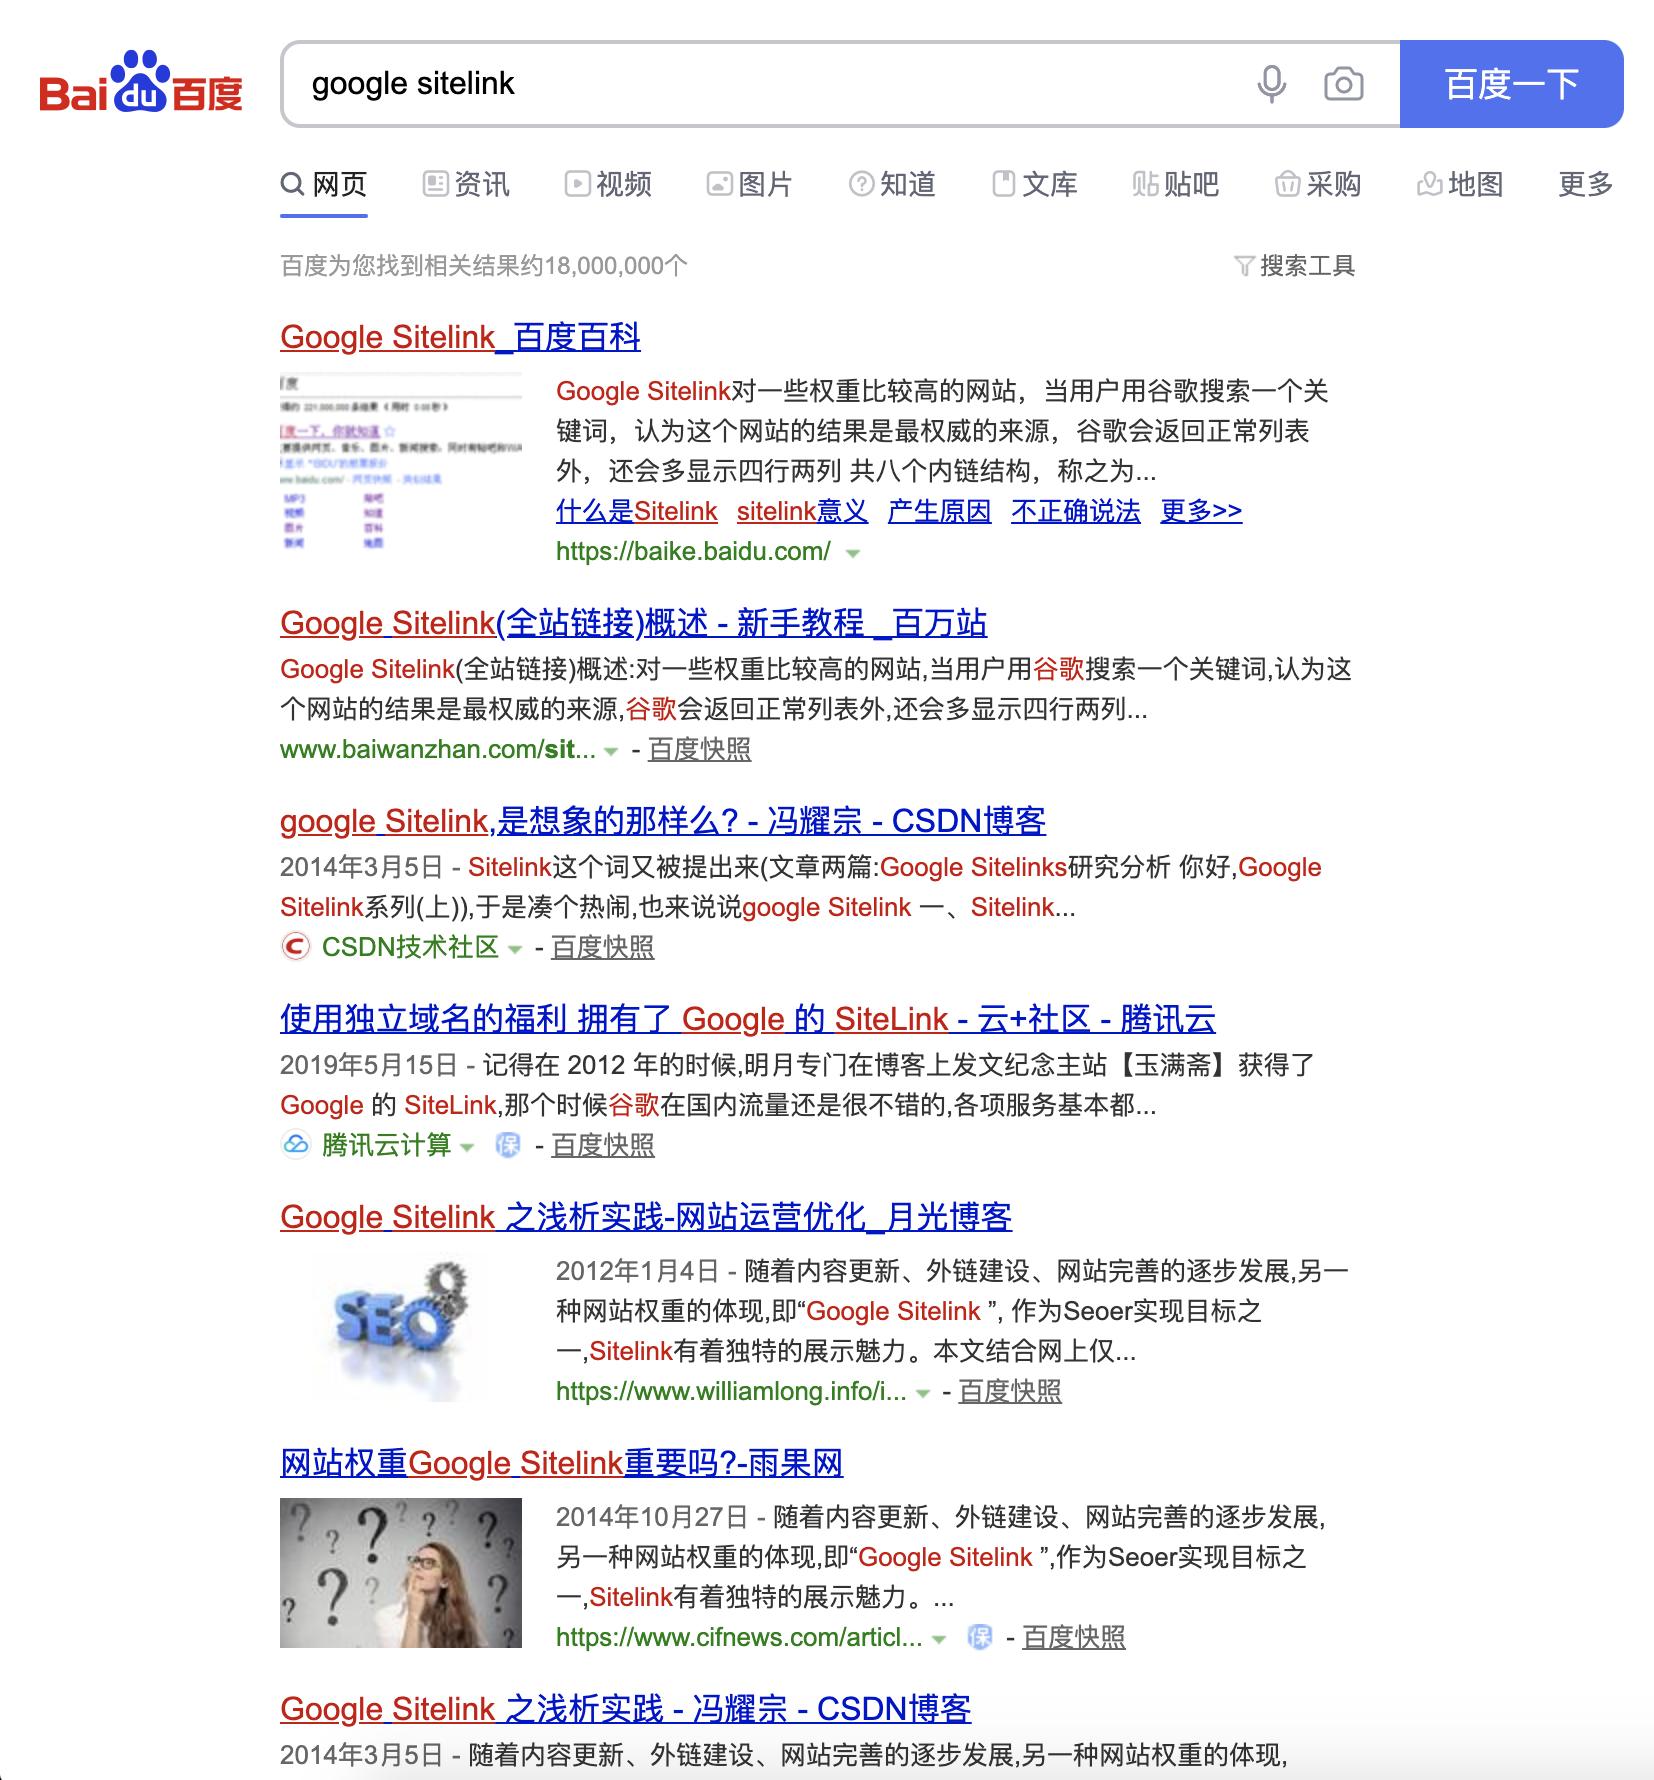 百度上对Google Sitelink的解释